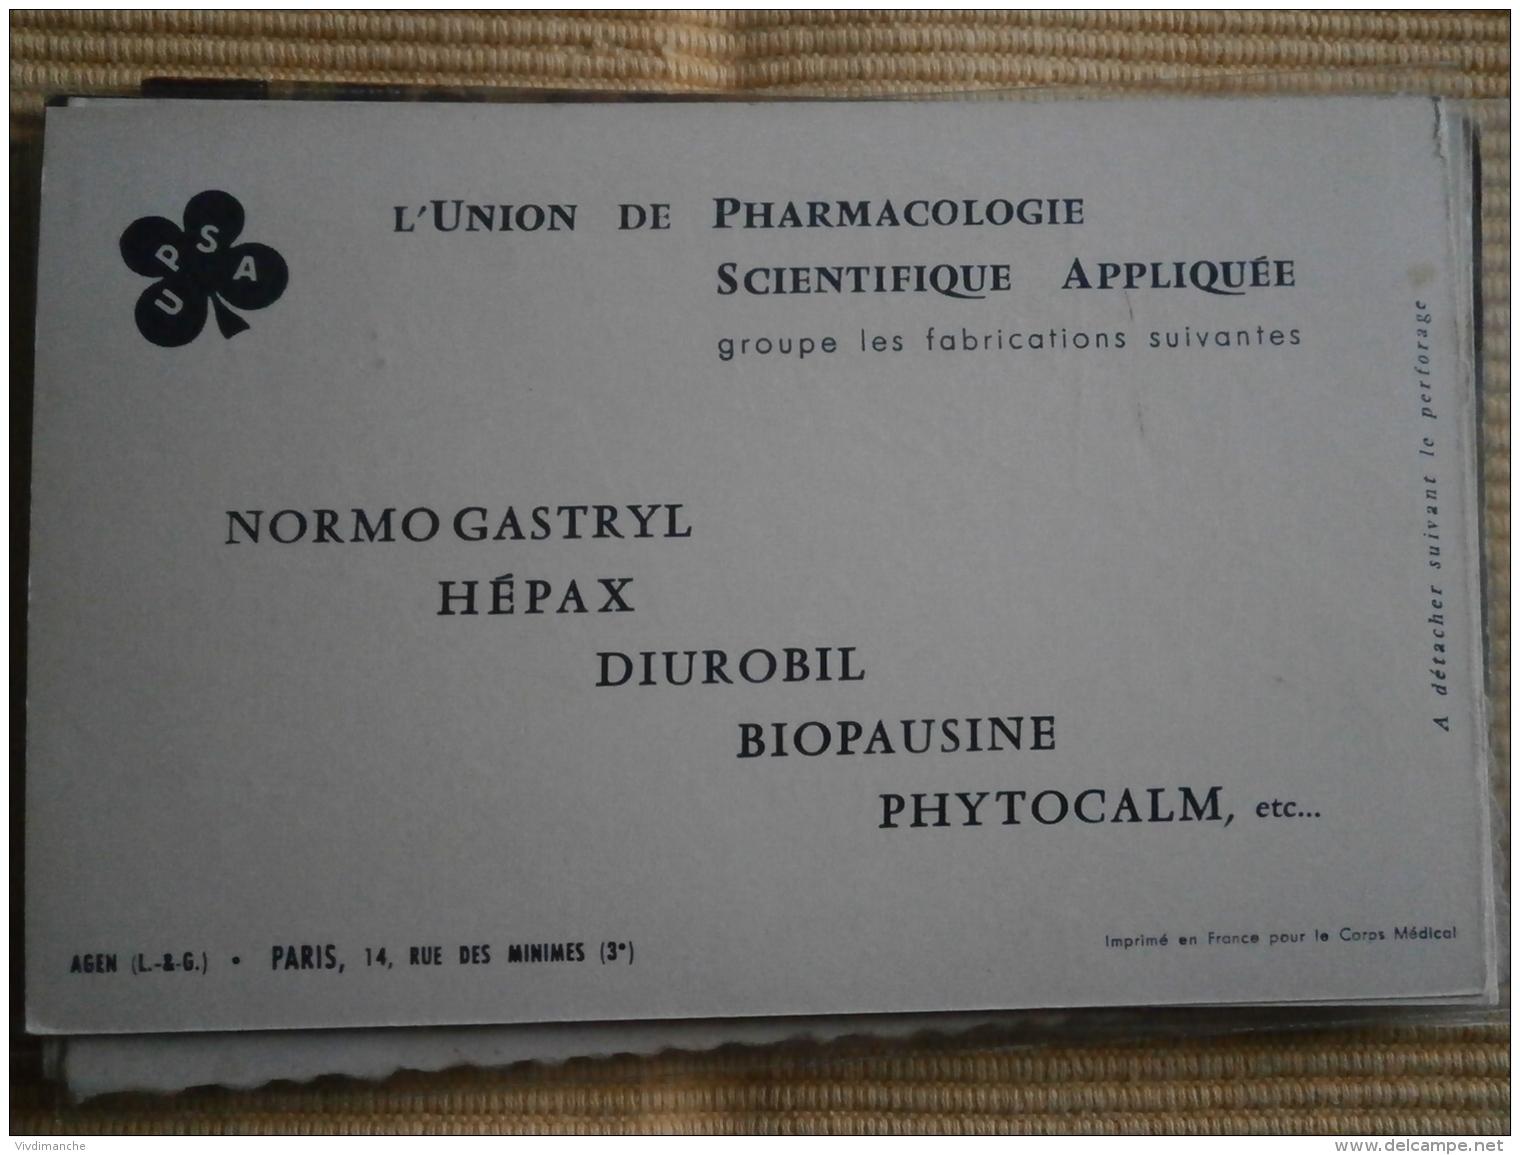 COLLECTION DES DRAPEAUX DES NATIONS UNIES - IX - PUB UNION DE PHARMACOLOGIE -CARTE Cpa - Régiments